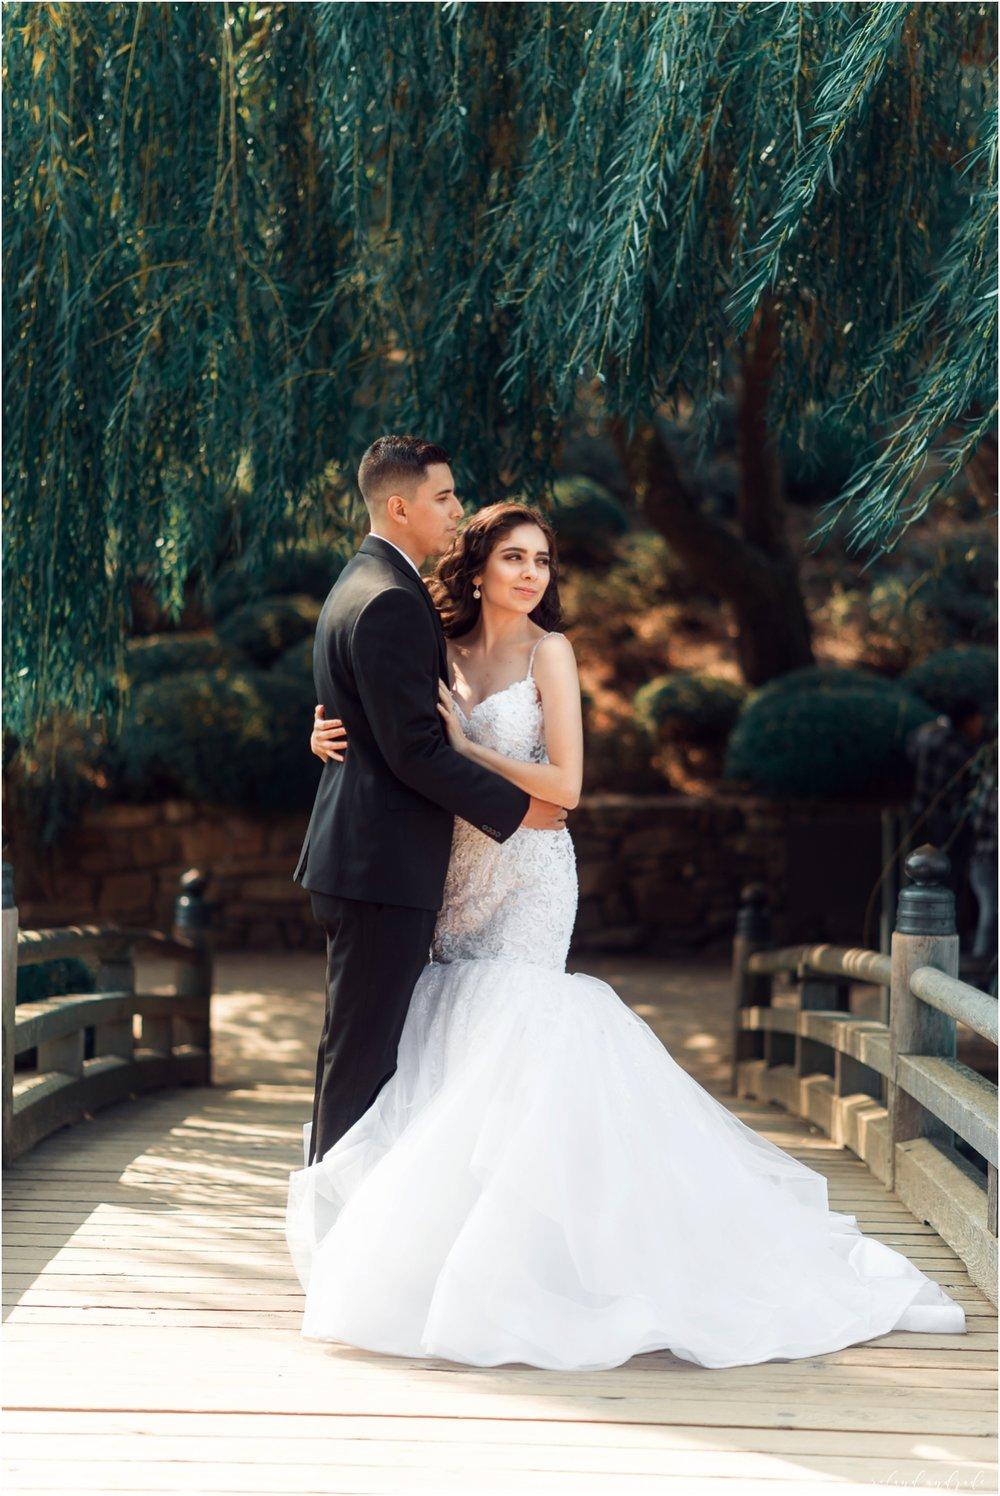 Mayra + Julian Chicago Botanic Garden Bridal Photography Chicago Wedding Photography Photographer12.jpg